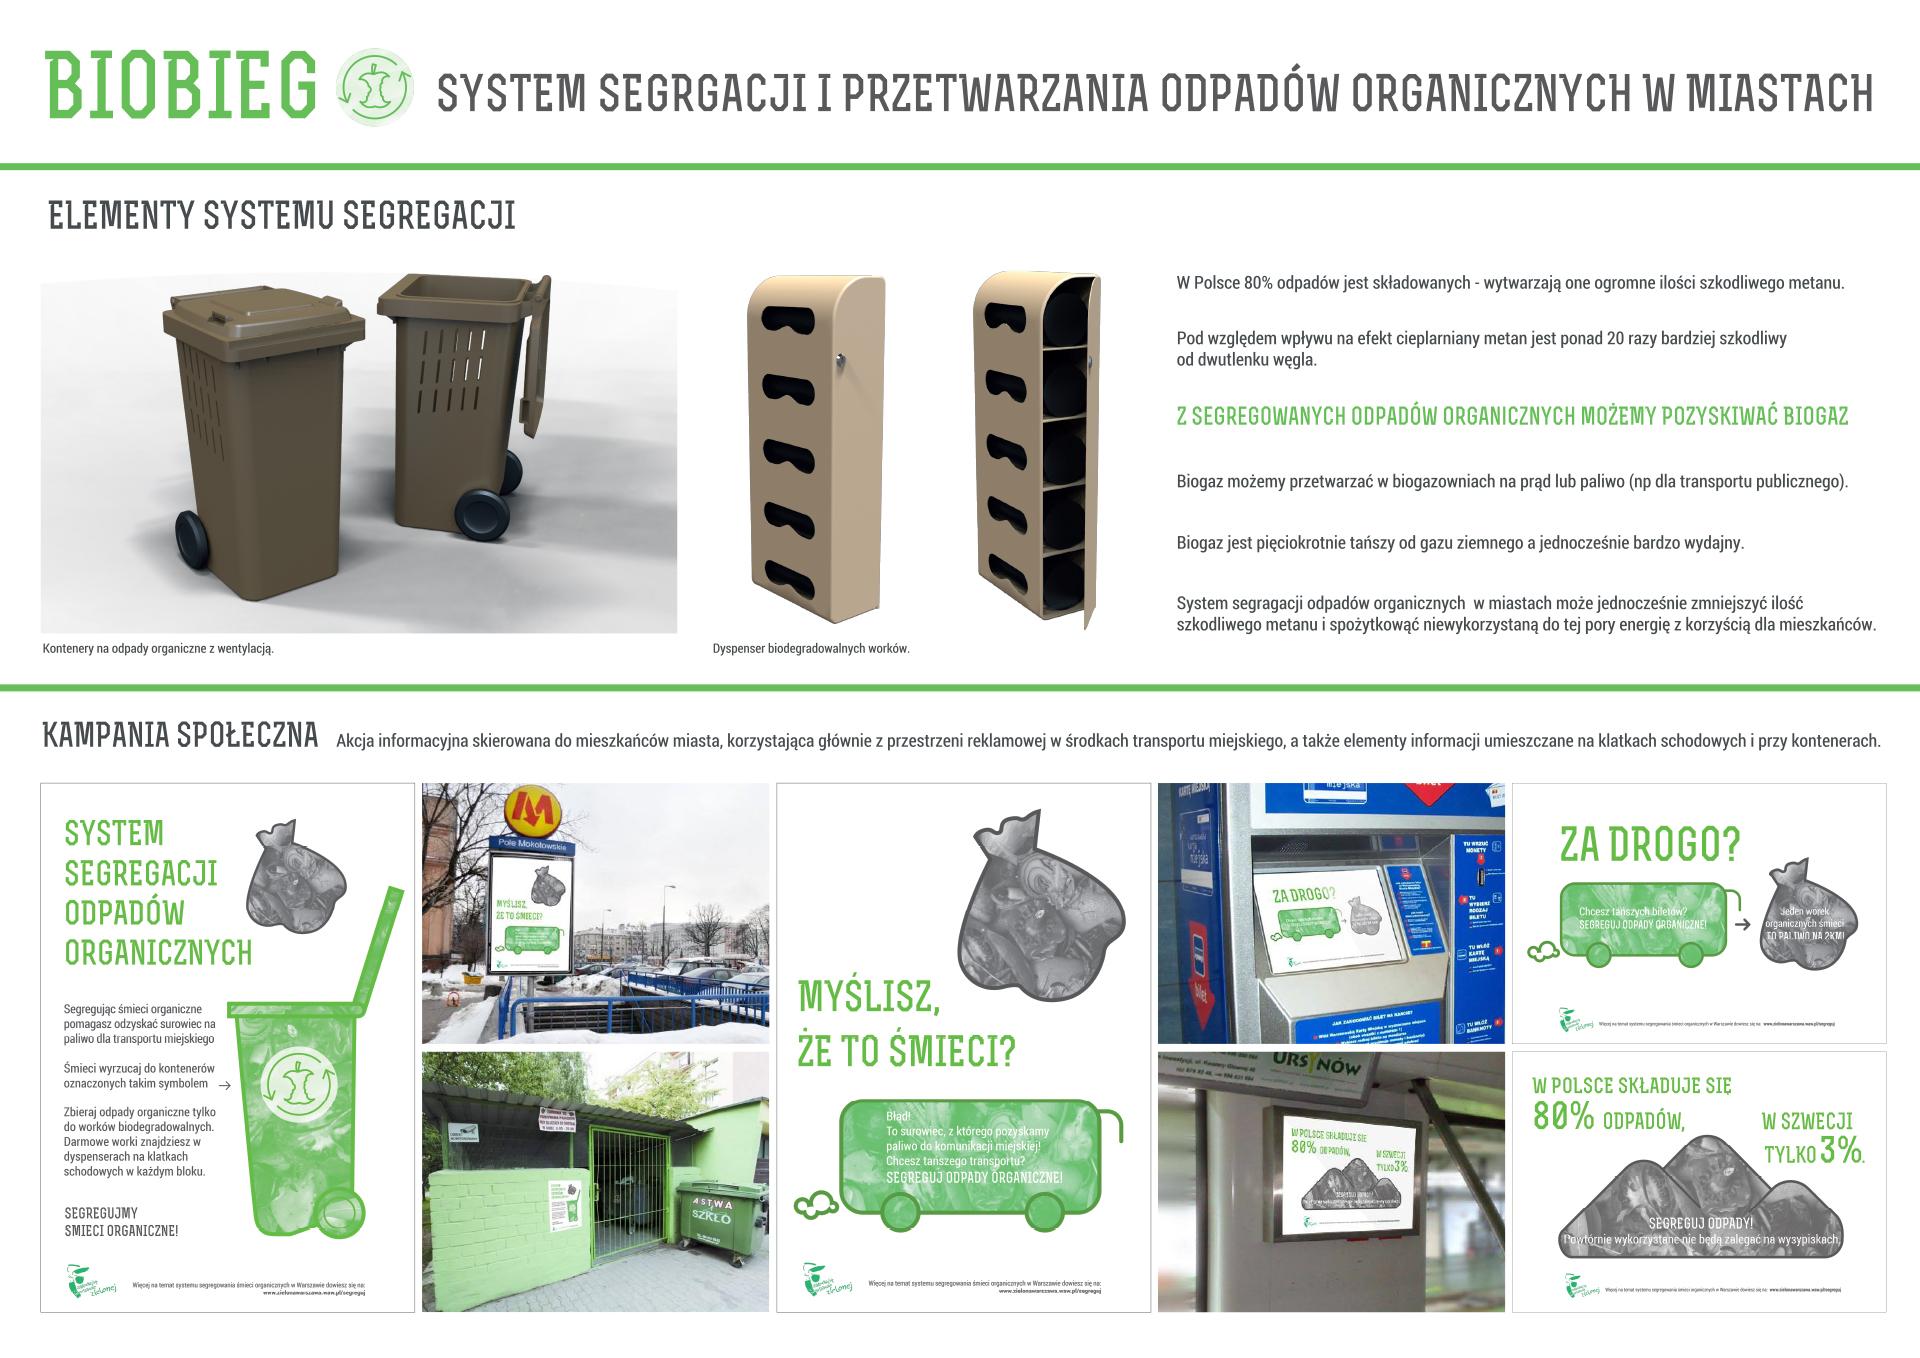 Biobieg - system segregacji śmieci organicznych w dużych miastach